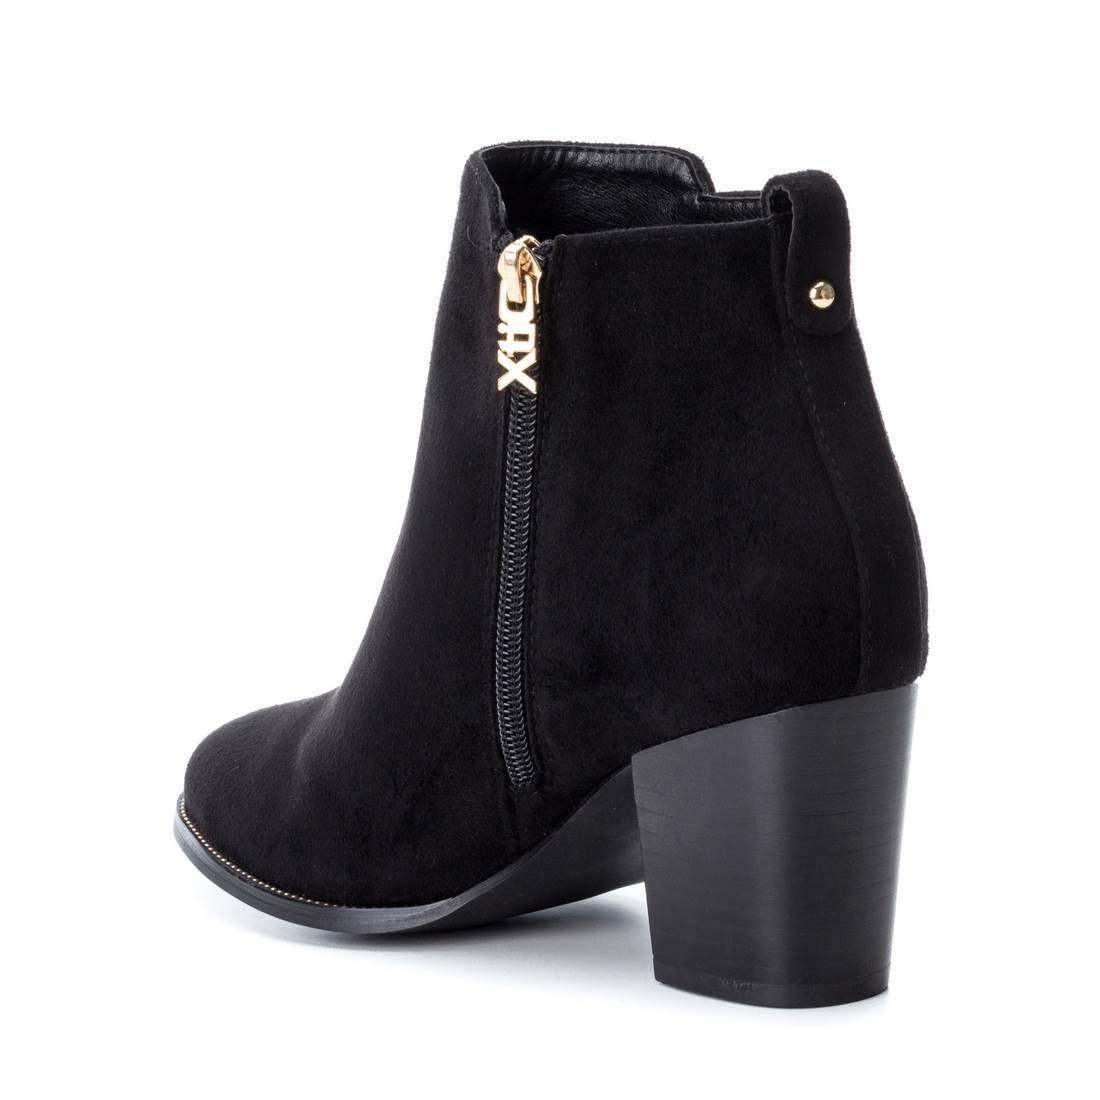 40 Sacs Taille Et Noir Xti Chaussures 47355 H67xnwtBP